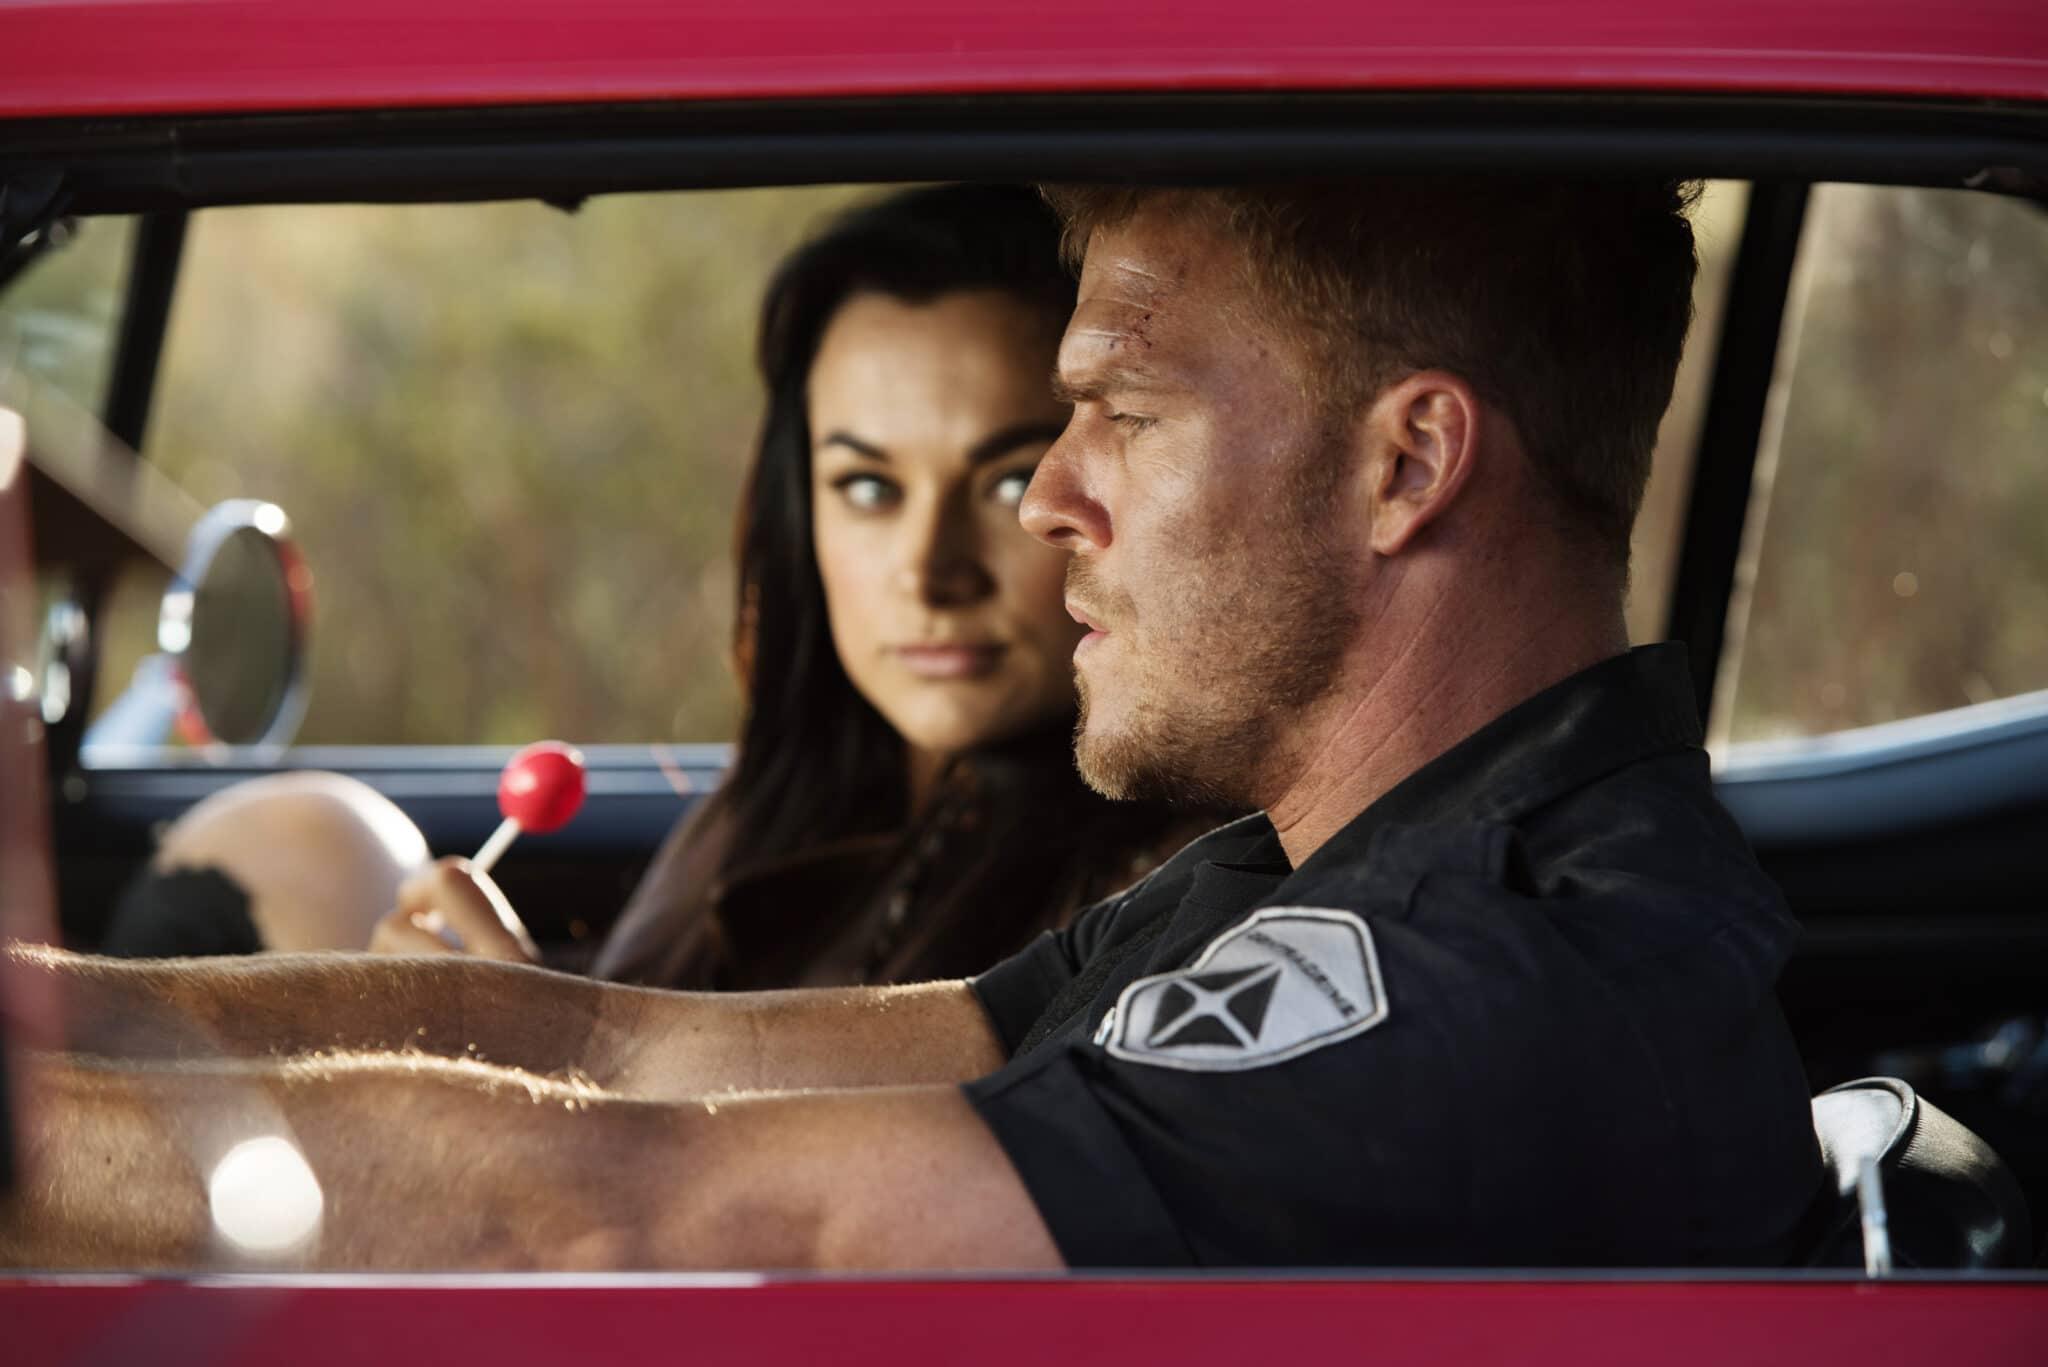 """Christina Ochoa als Grace d'Argento, die auf dem Beifahrersitz eines Autos sitzt und einen Lolli in der Hand hält, blickt Alan Ritchson als Arthur Bailey an, der neben ihr sitzt und auf die Straße schaut in """"Blood Drive""""."""